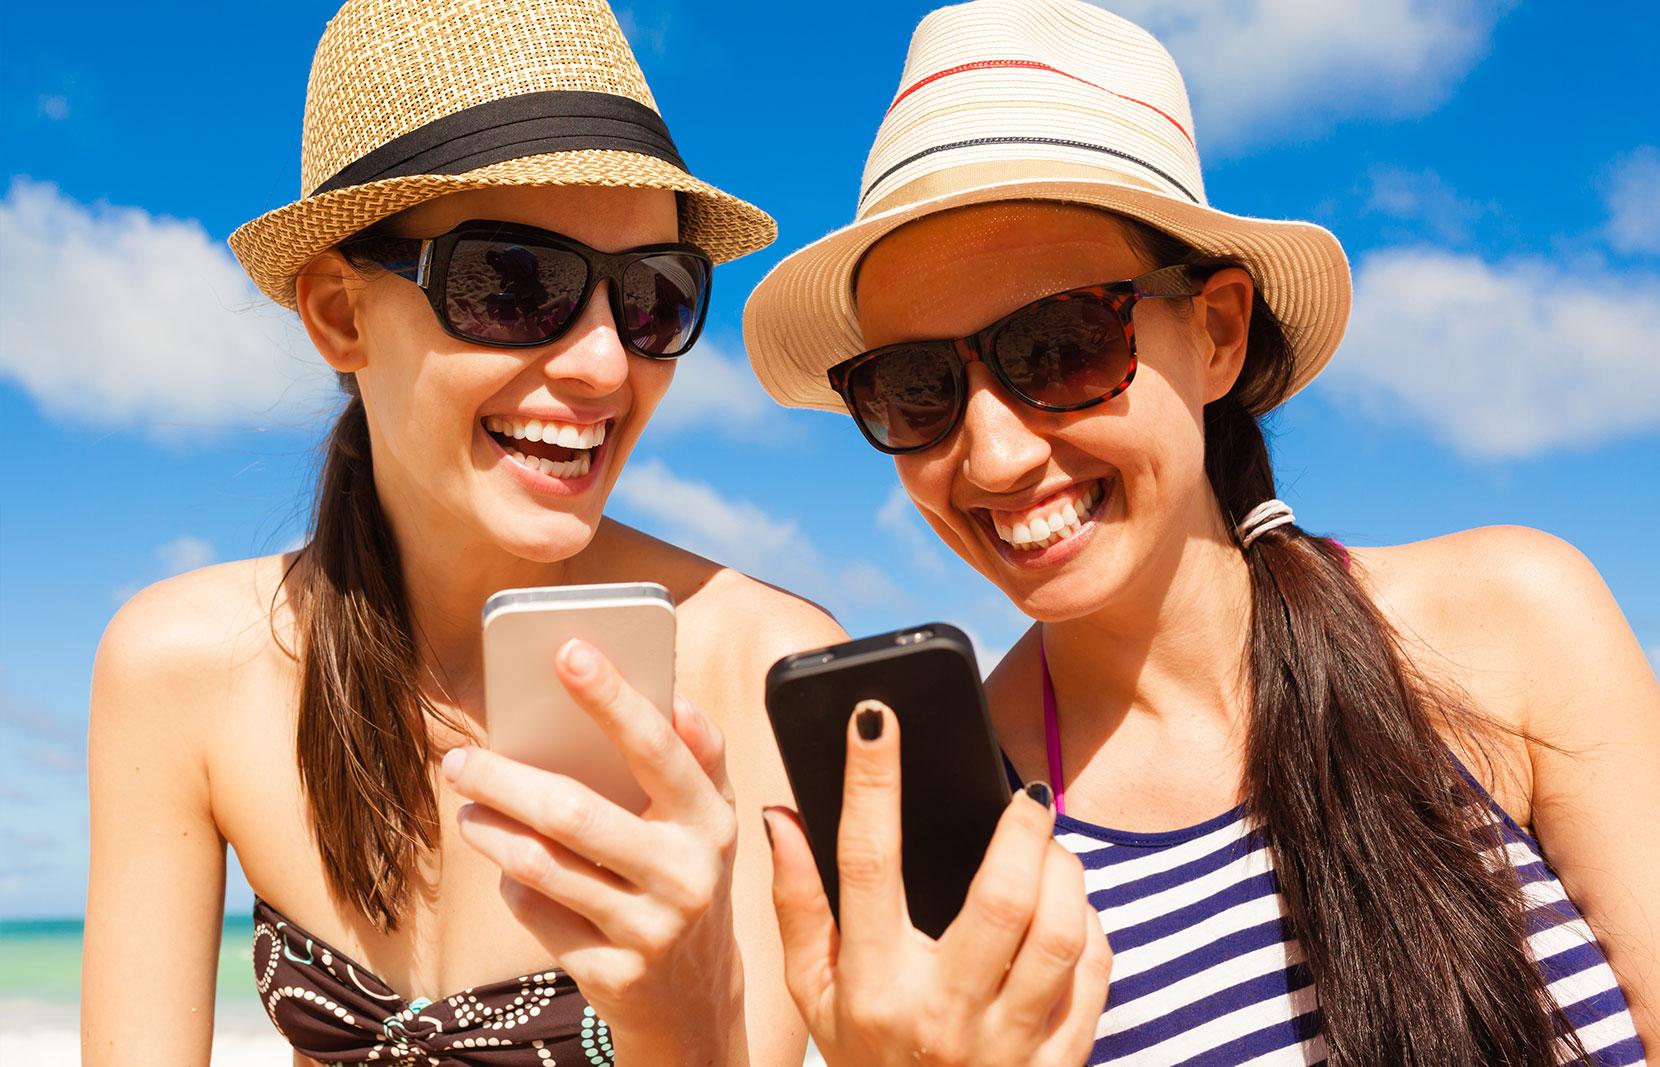 New breakthrough app stops users getting sunburnt